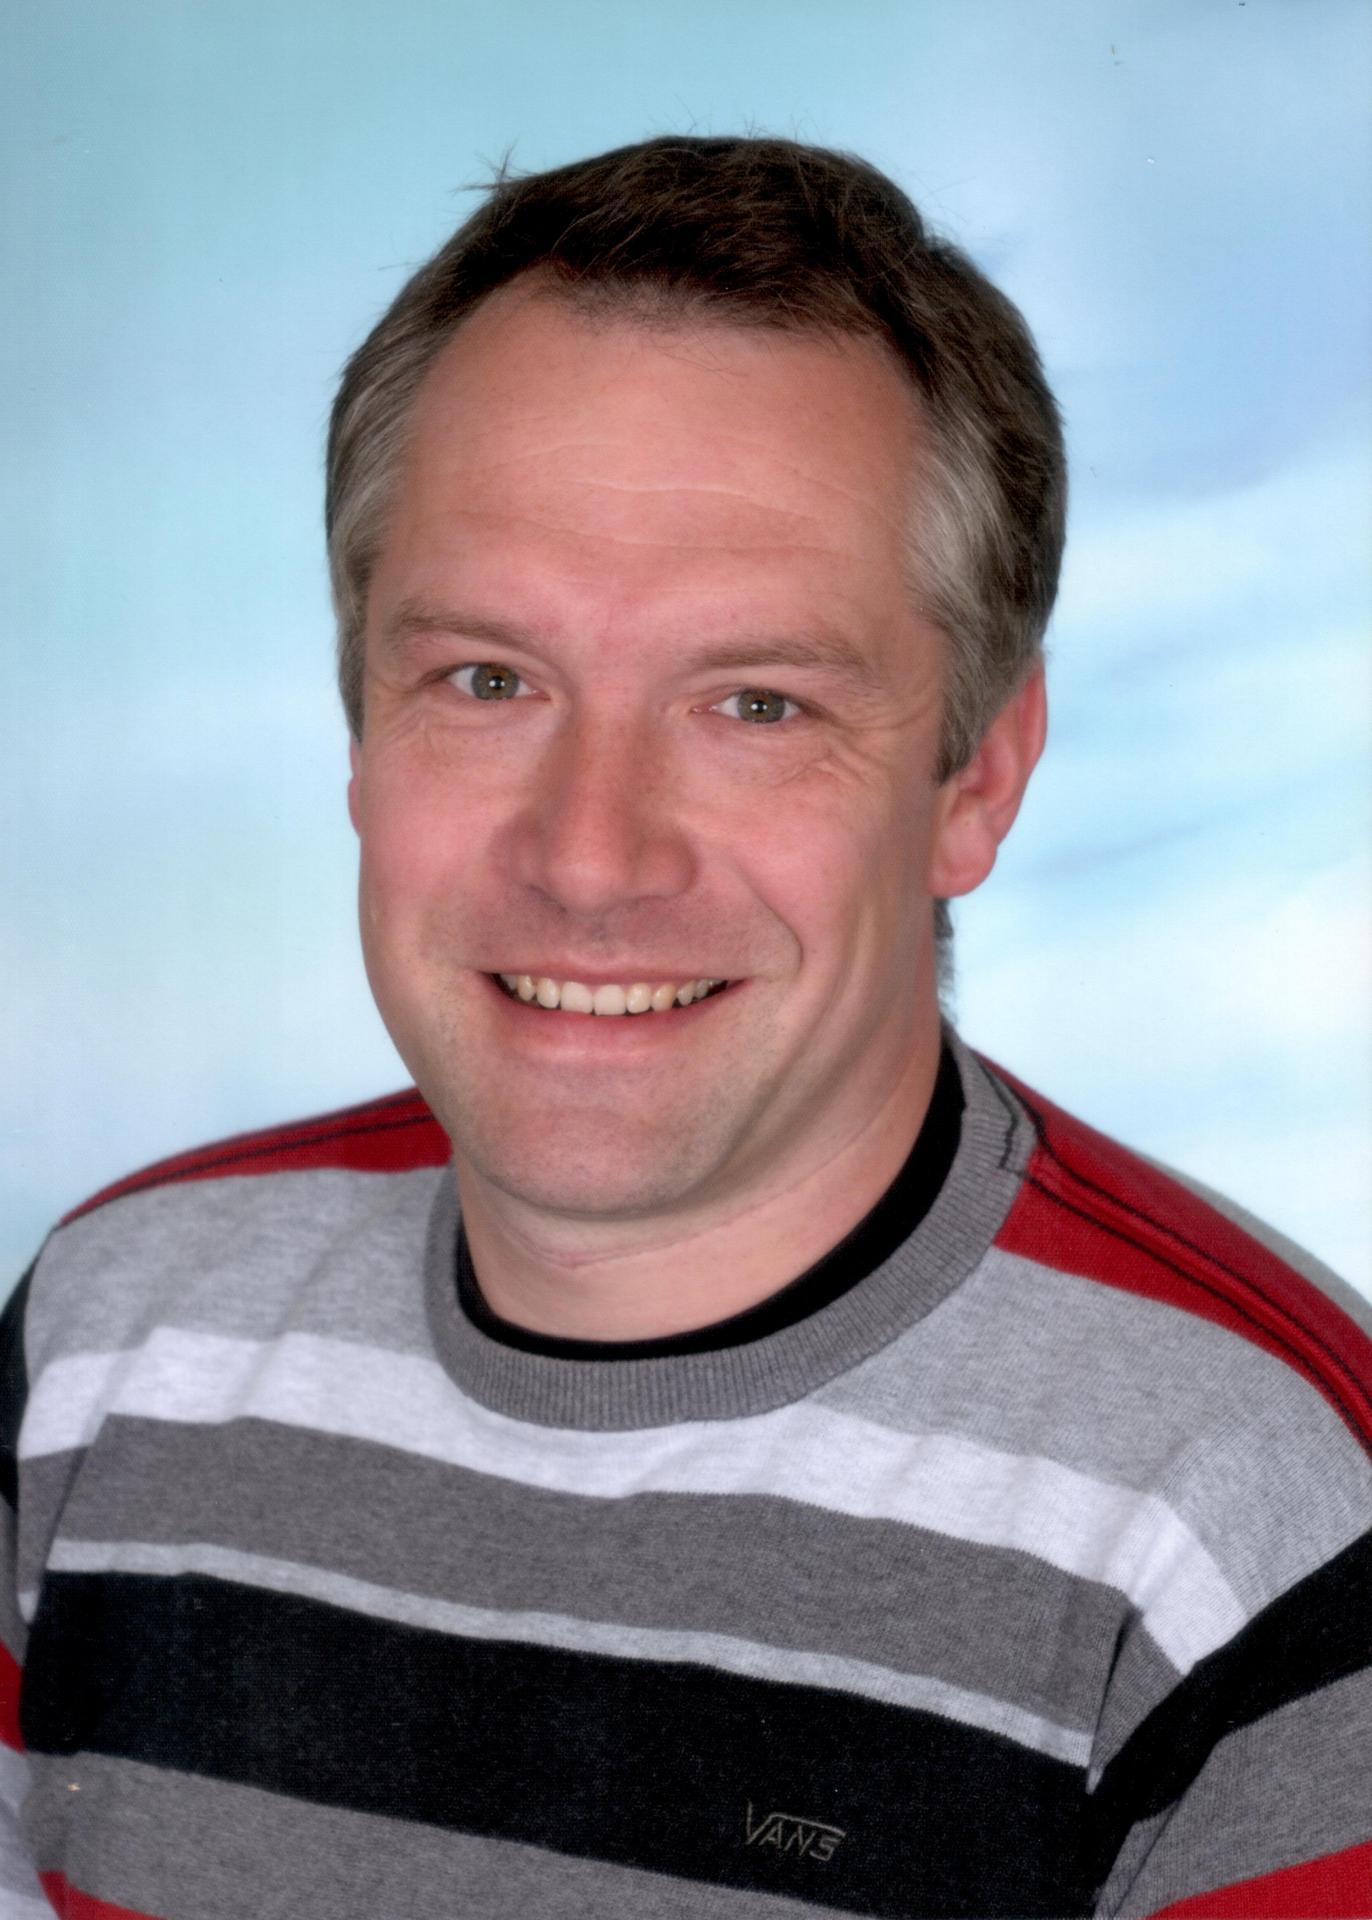 Christian Topp